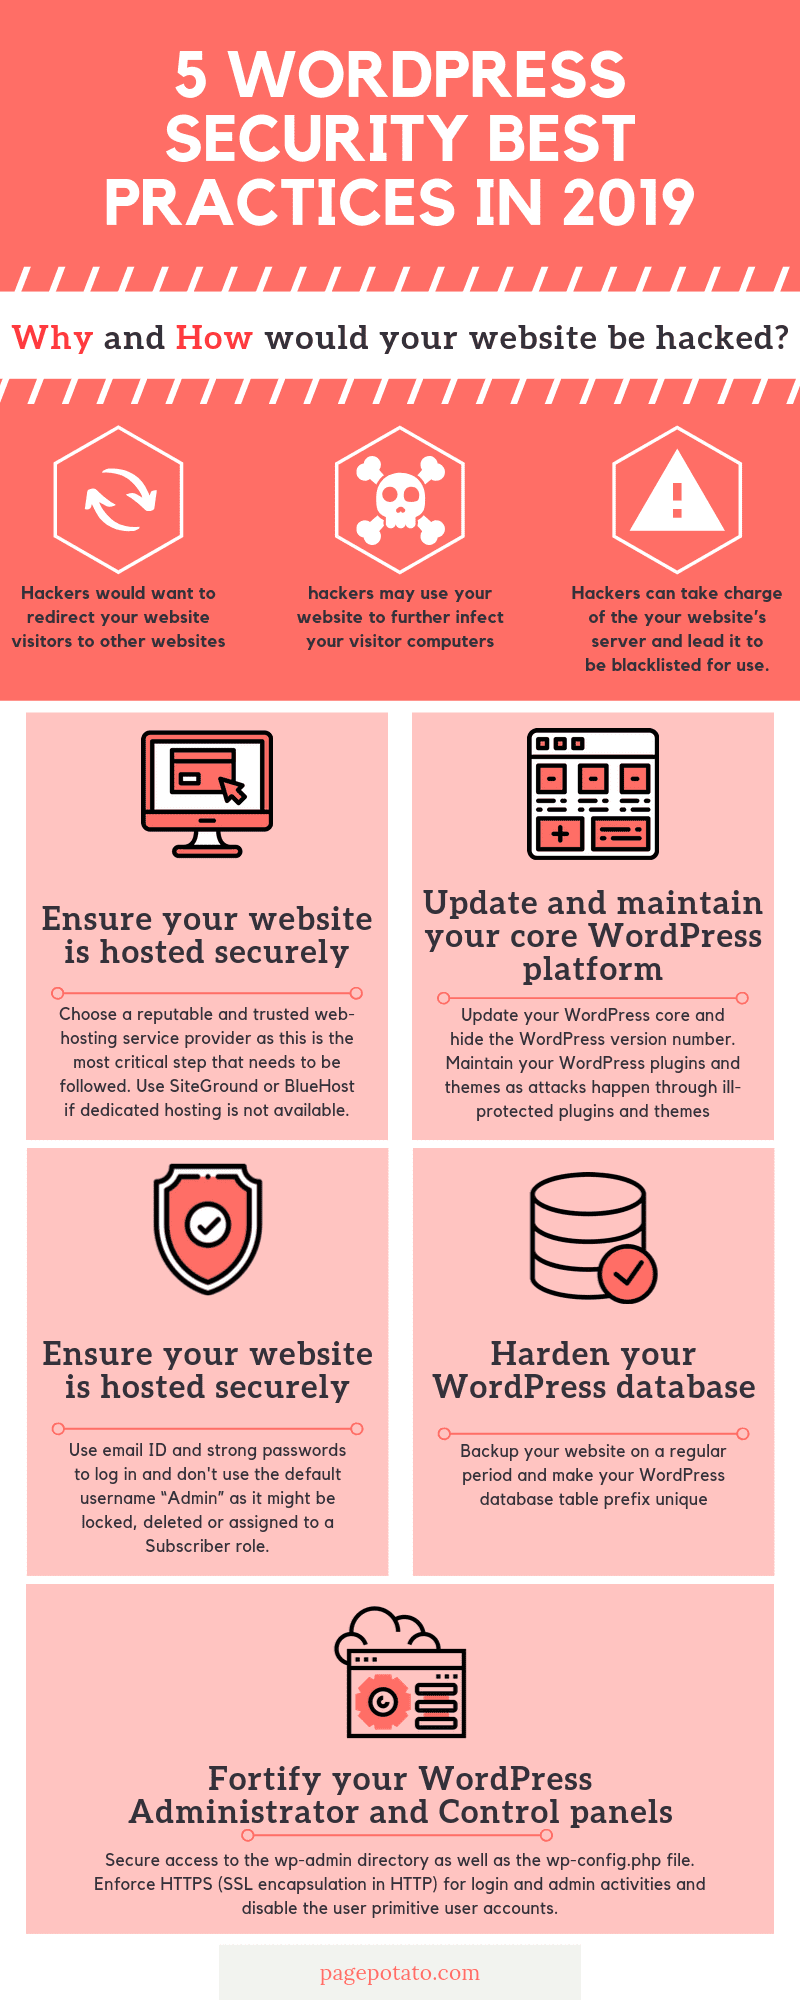 5-WordPress-Security-Best-Practices-2